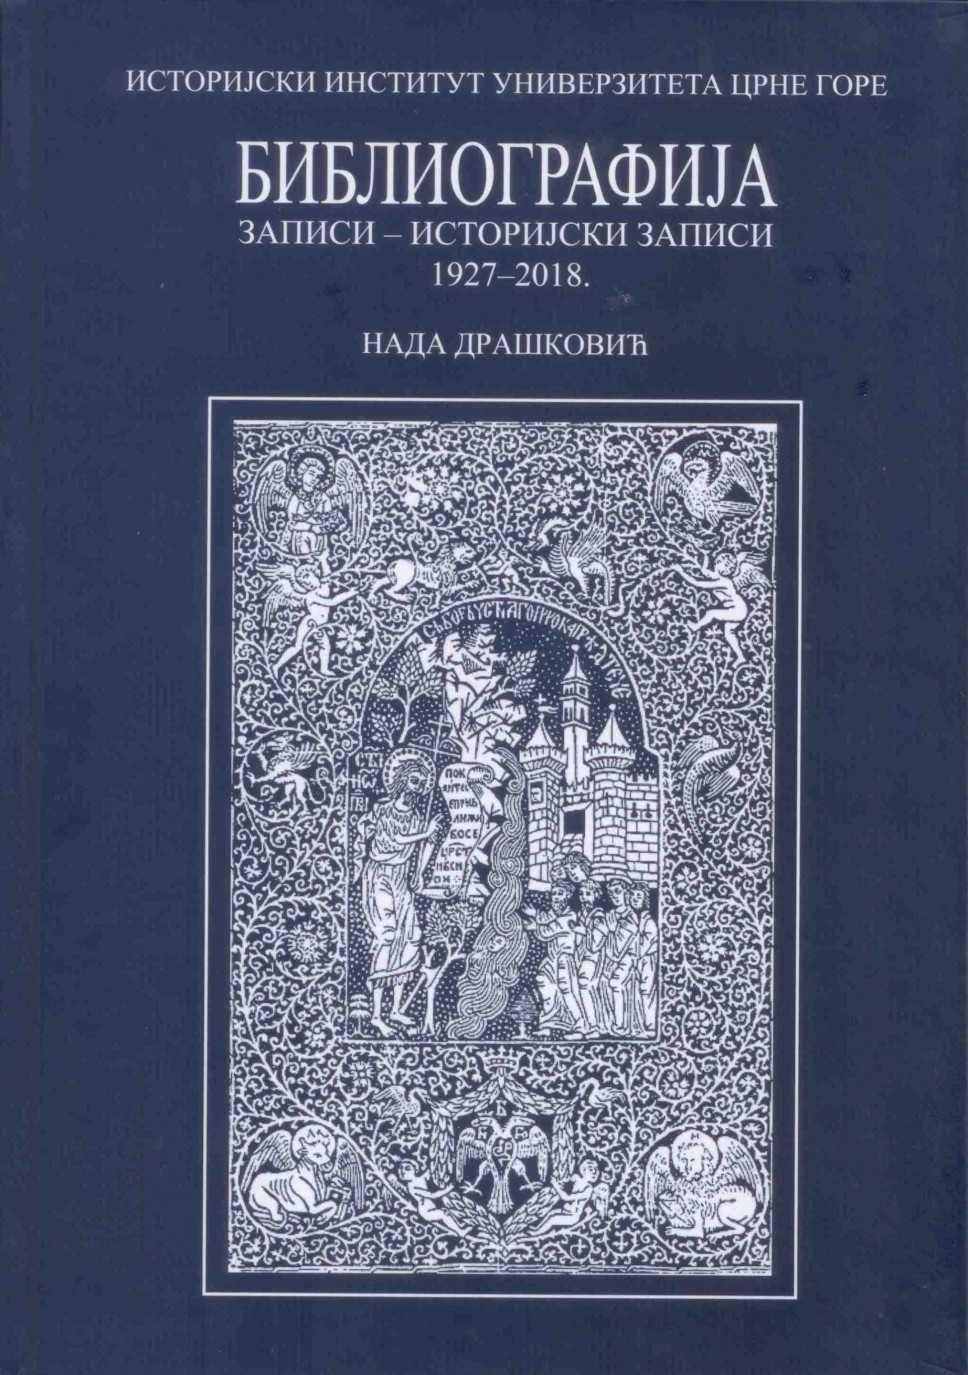 Bibliografija Istorijskih zapisa dostupna i u pdf